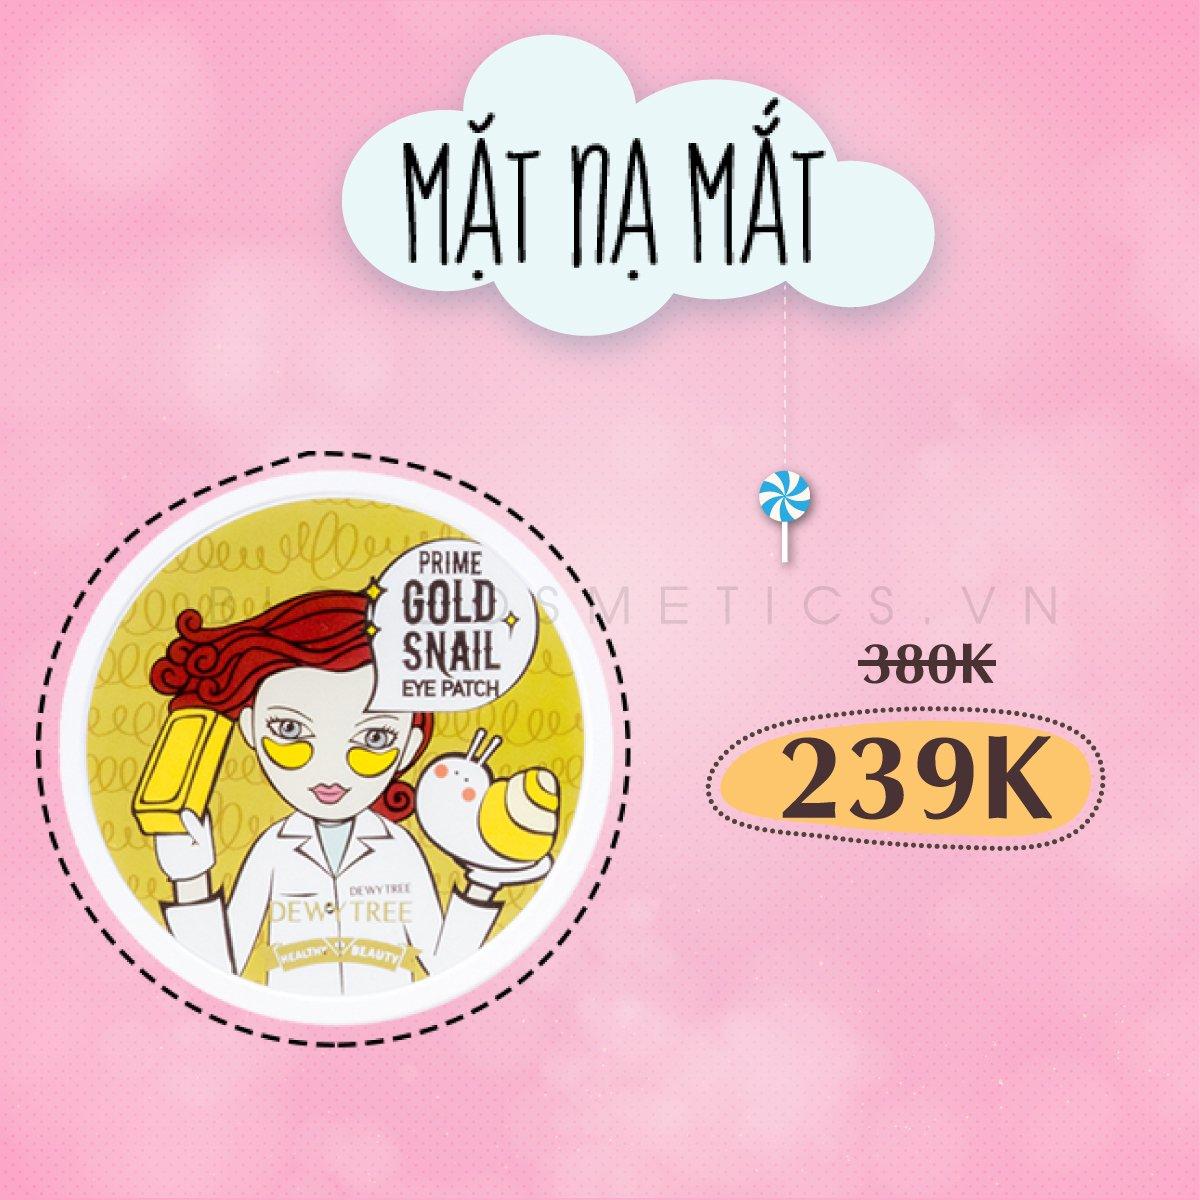 Mặt Nạ Mắt Dewy Tree Hàn Quốc bán tại Bici Cosmetics